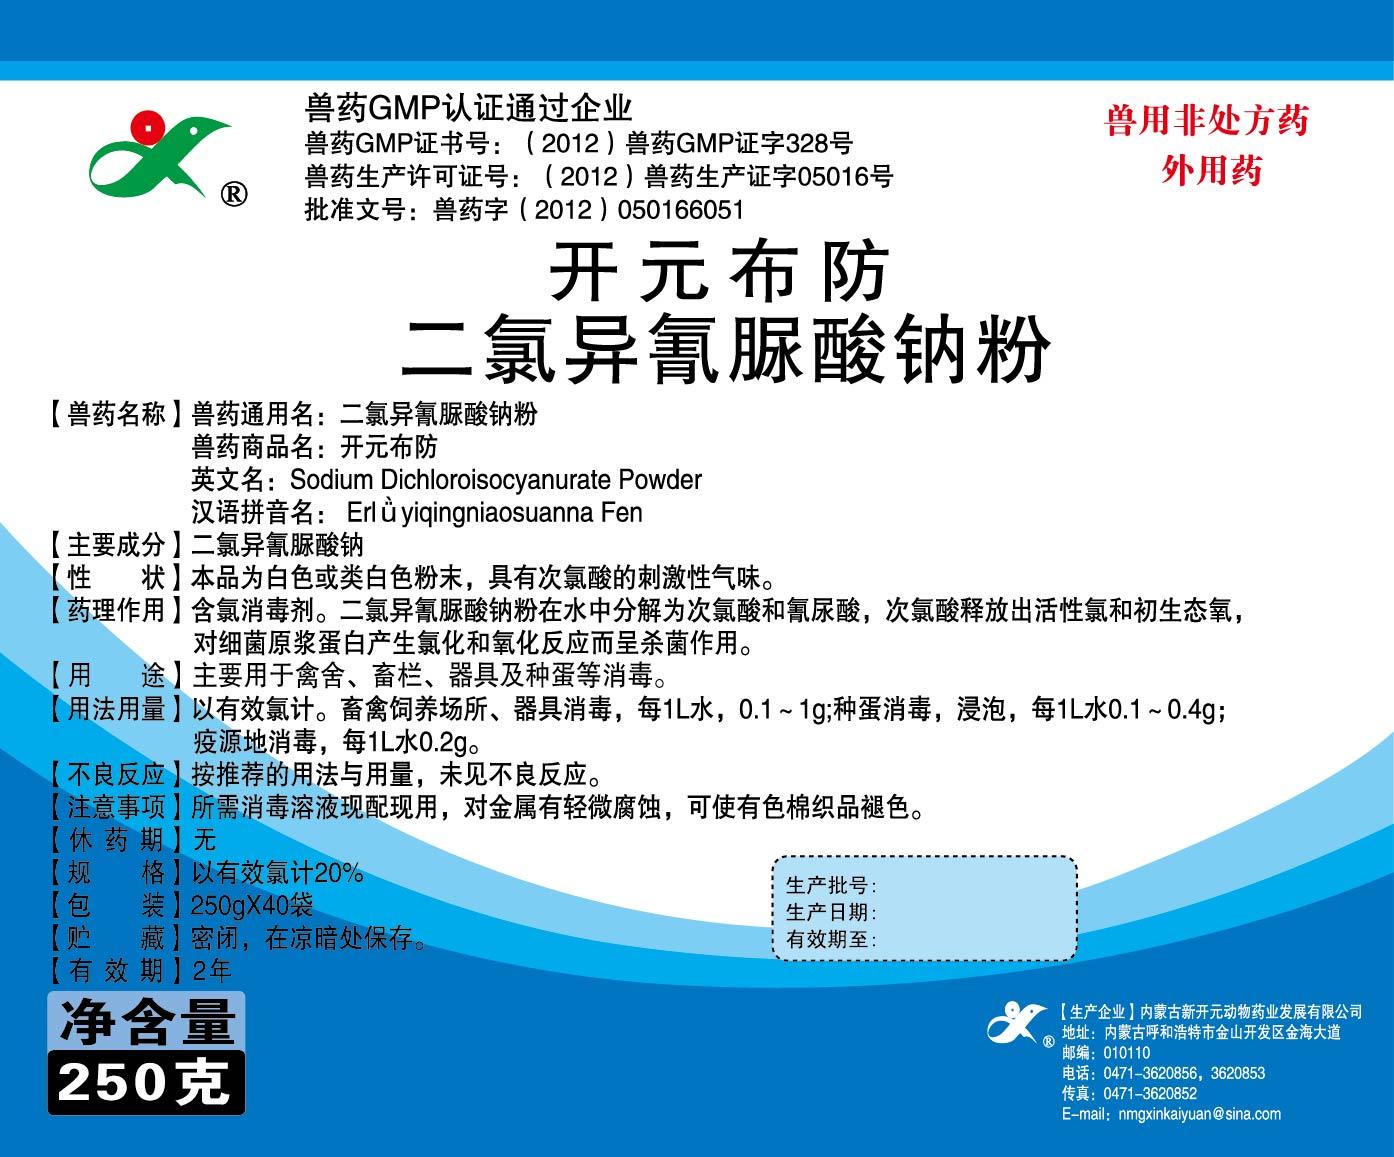 开元布防-二氯异氰脲酸钠粉